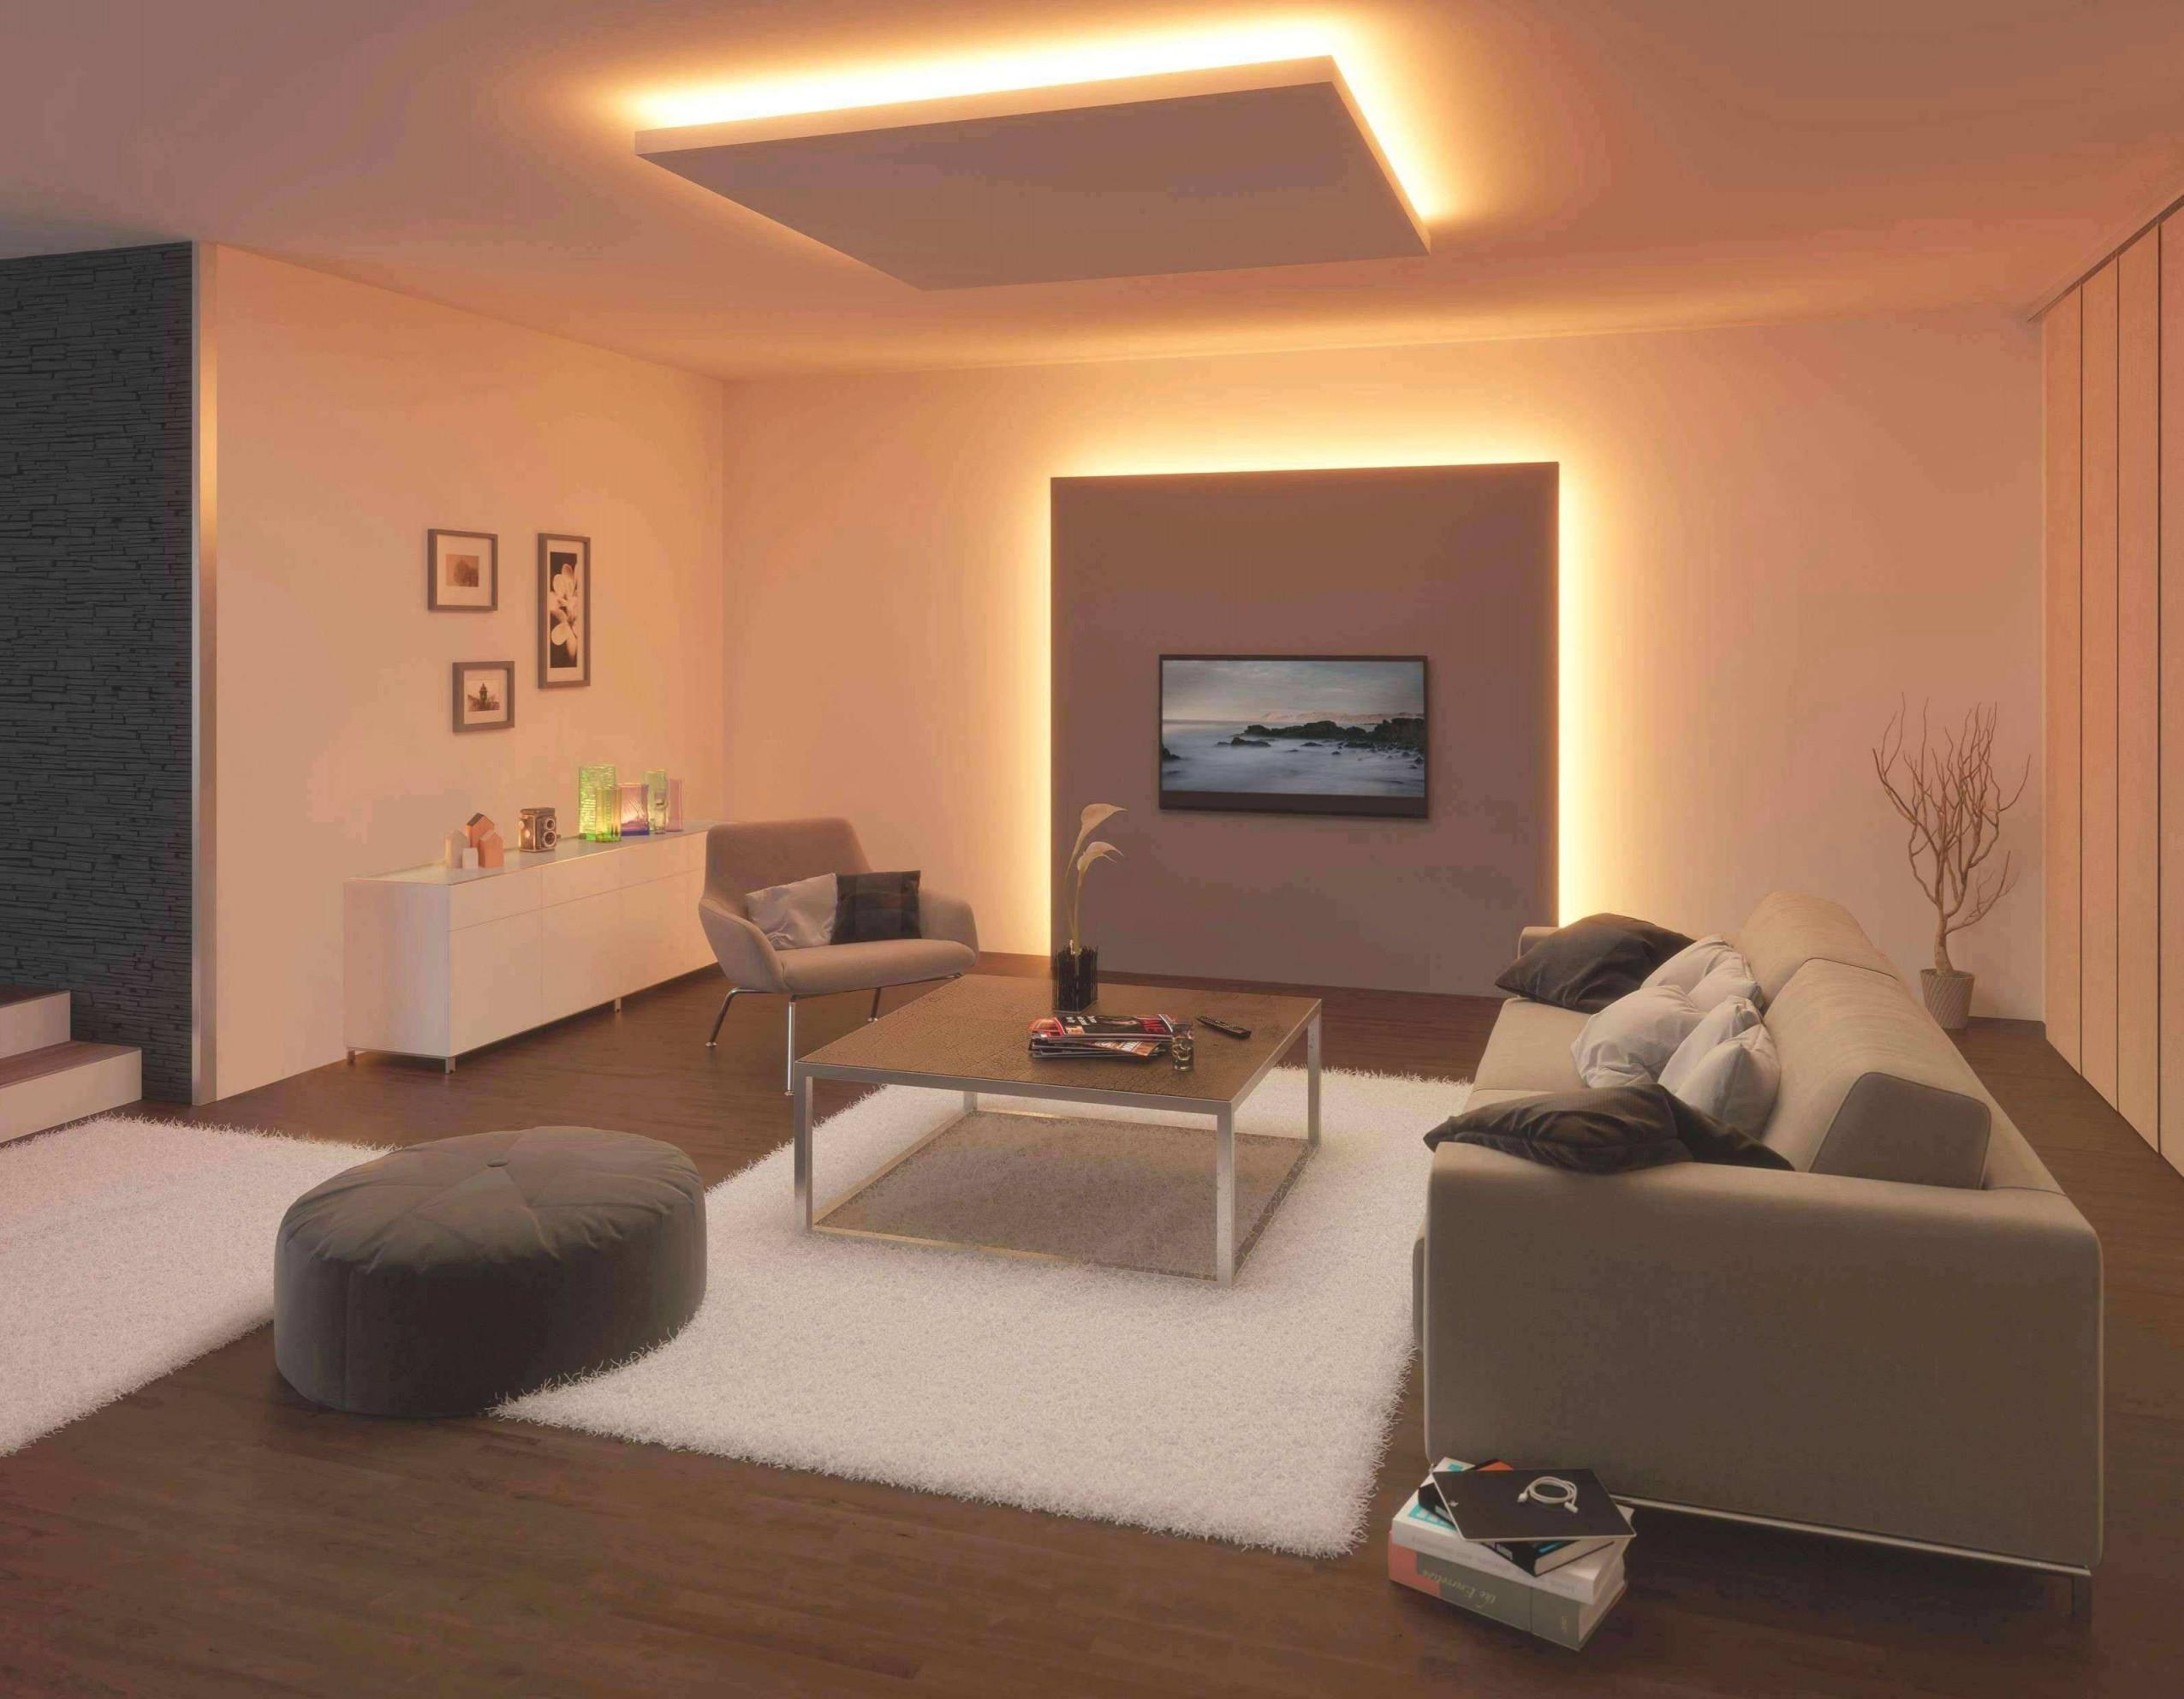 Ideen Wohnzimmer Gestalten Reizend Wohnzimmer Wände Modern von Wohnzimmer Wände Ideen Bild